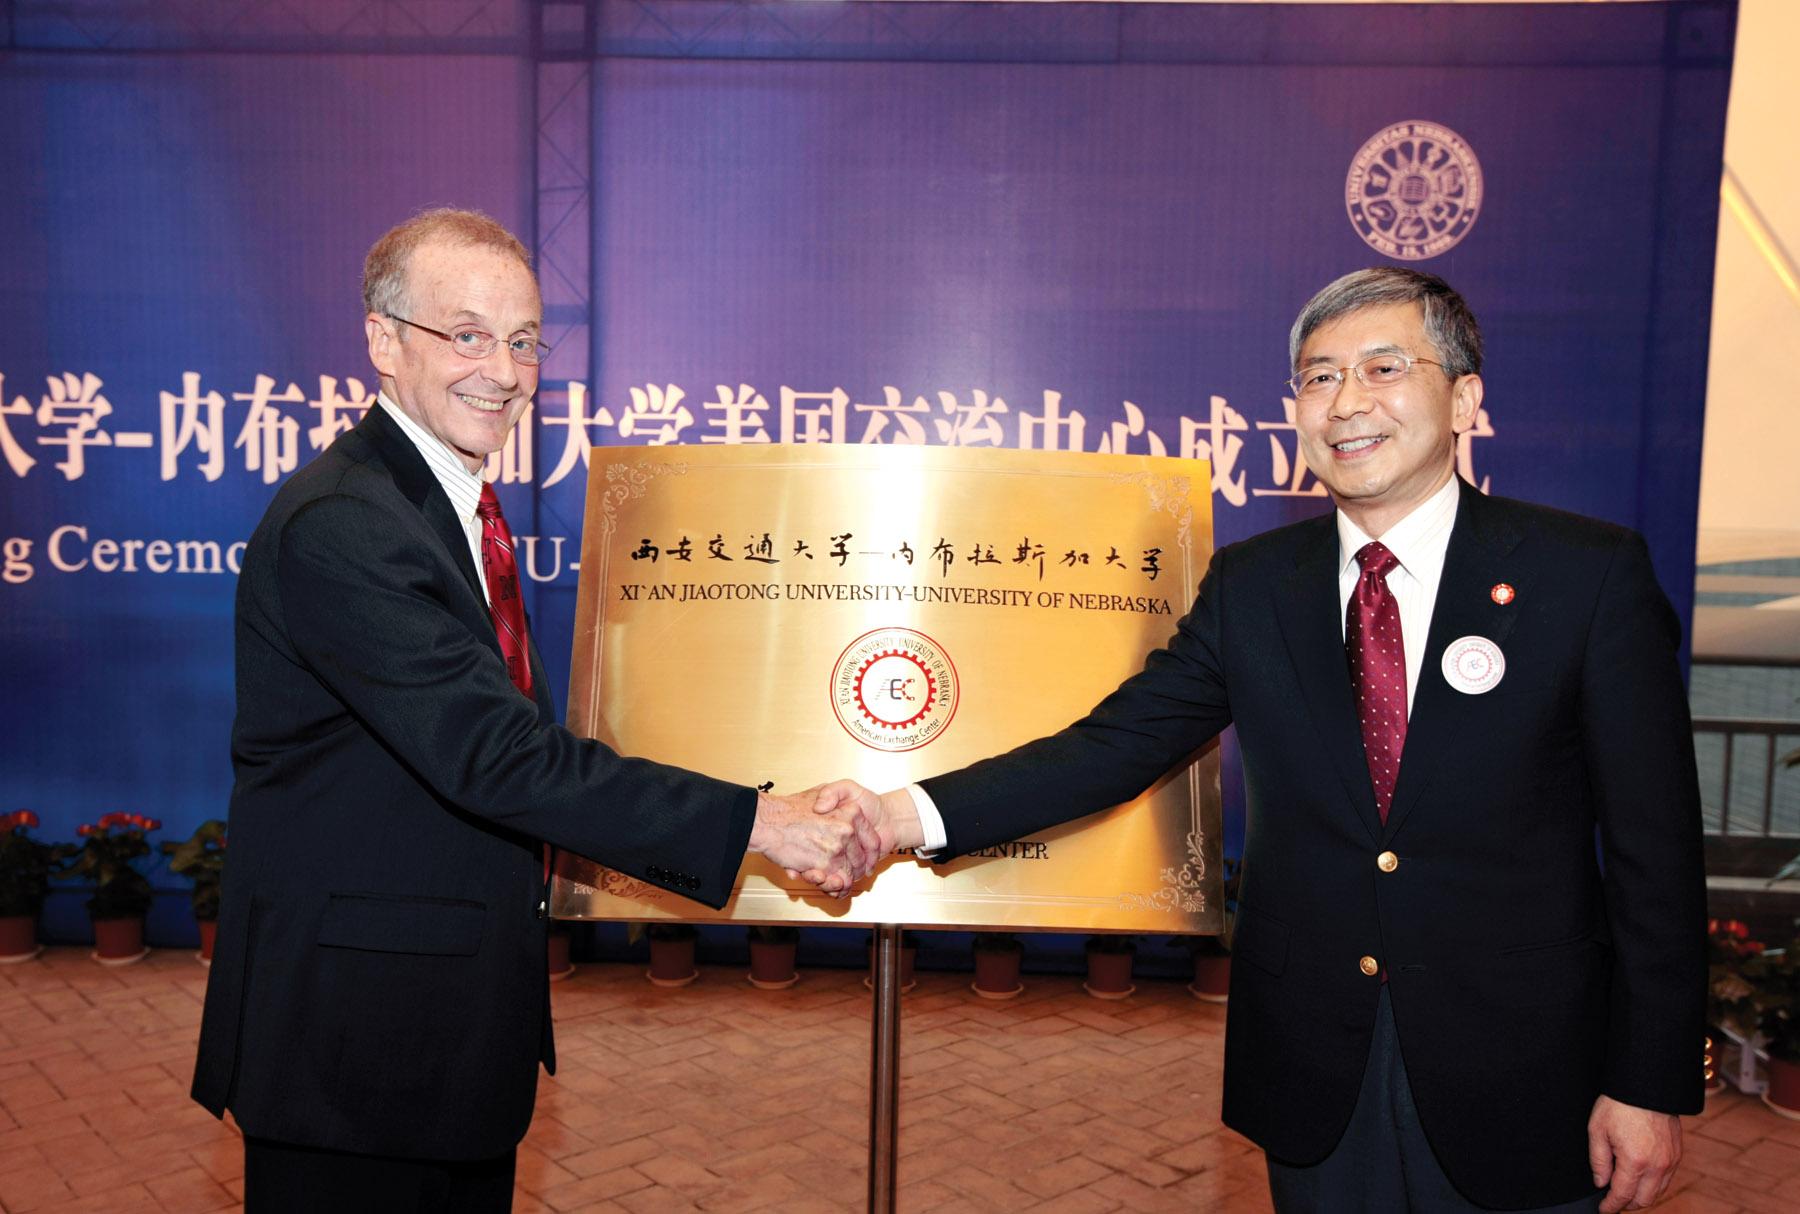 Harvey Perlman, UNL chancellor (left), and Zheng Nanning, Xi'an Jiaotong University president